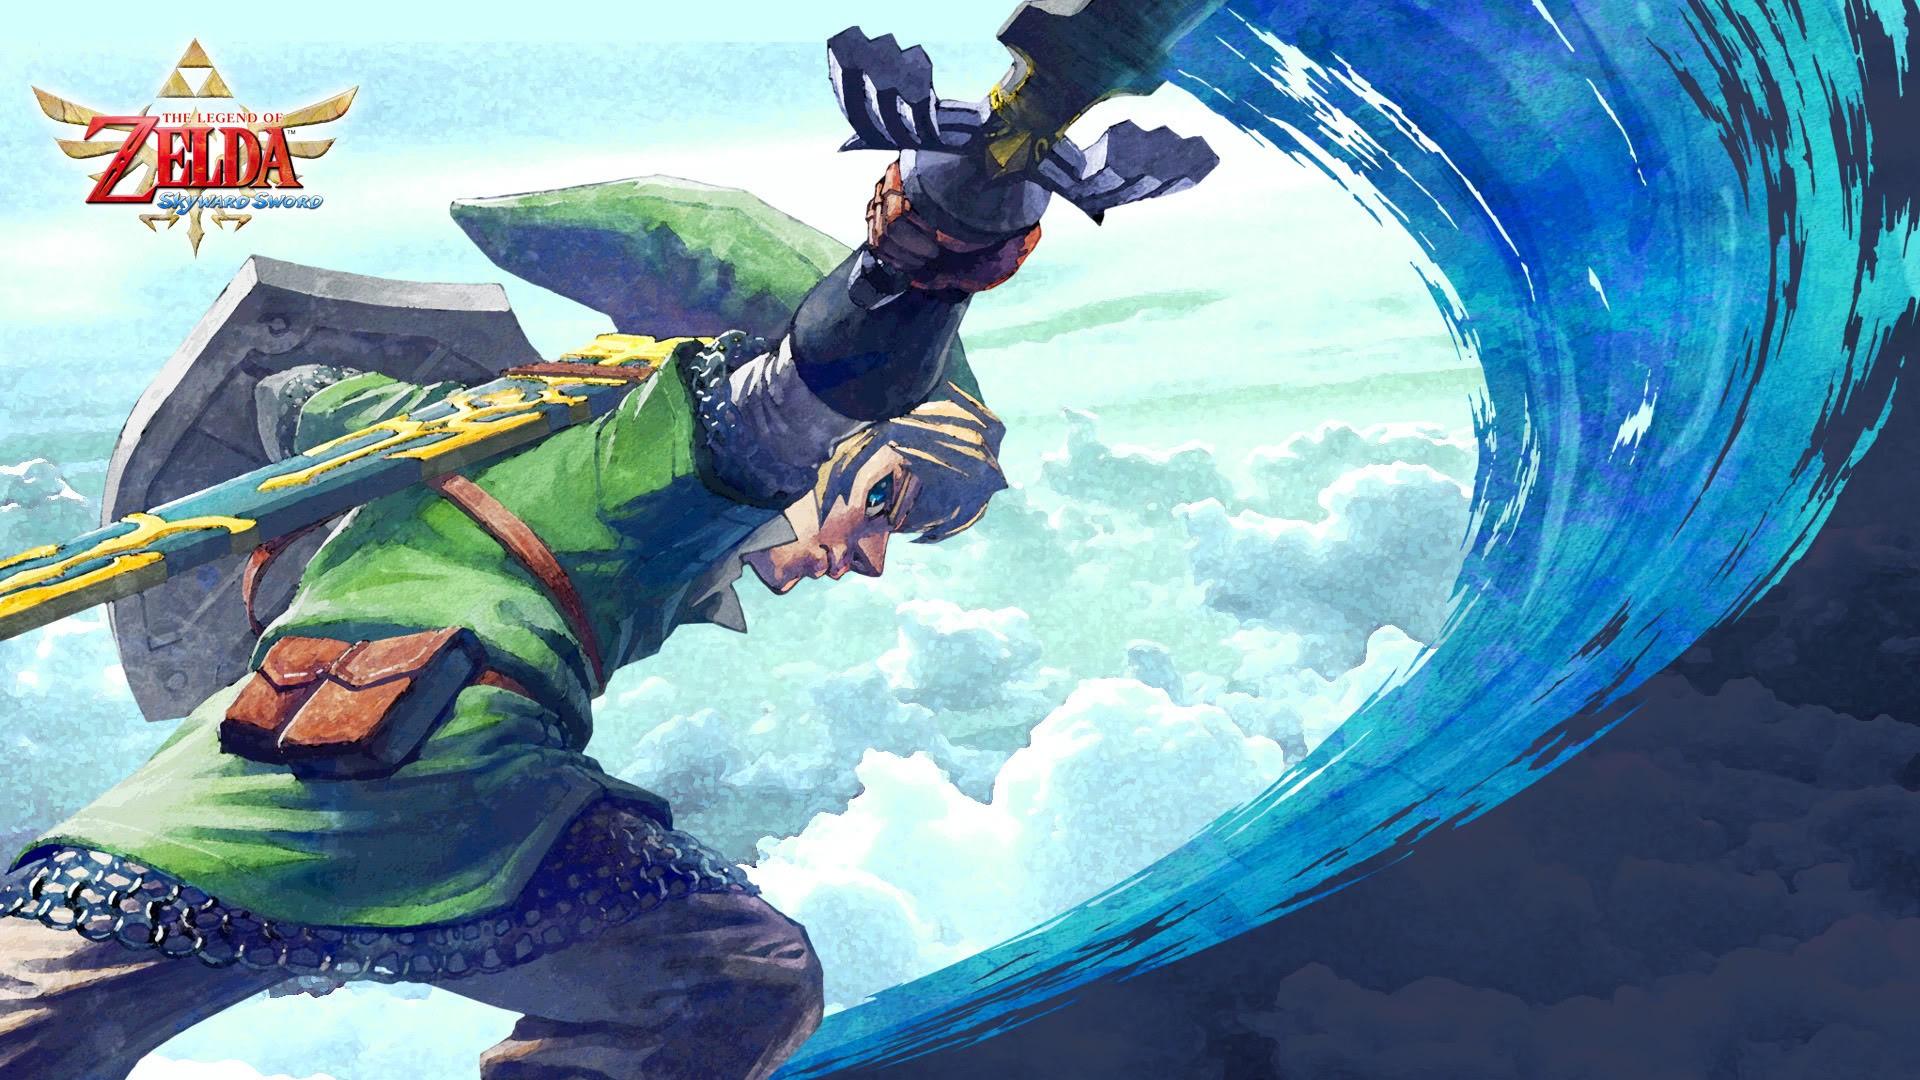 Legend Of Zelda Wallpaper 1920x1080: Zelda Skyward Sword Wallpaper